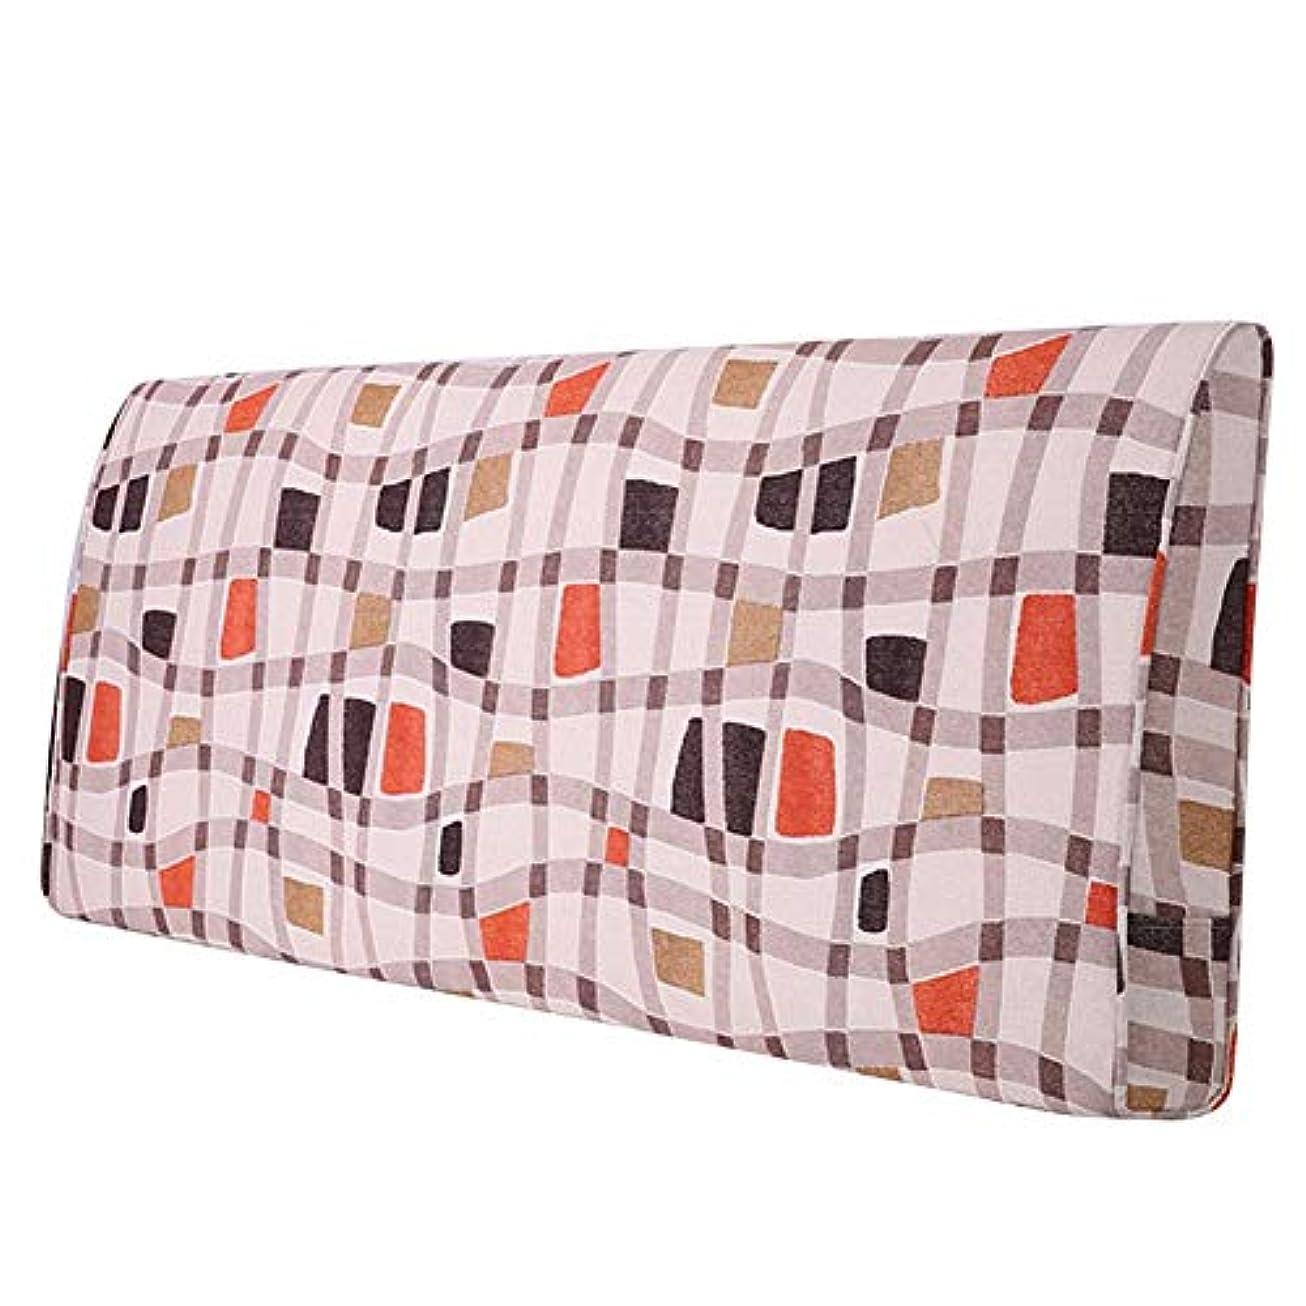 王朝銀行スペースLIANGLIANG クションベッドの背もたれ ソファソフトバッグ クリエイティブパターン ベッドサイドデコレーション ベッドの背もたれ ダブルエクストララージ コットン 耐摩耗性 丈夫 、5色、12サイズ (色 : #A, サイズ さいず : 190x60x10cm)